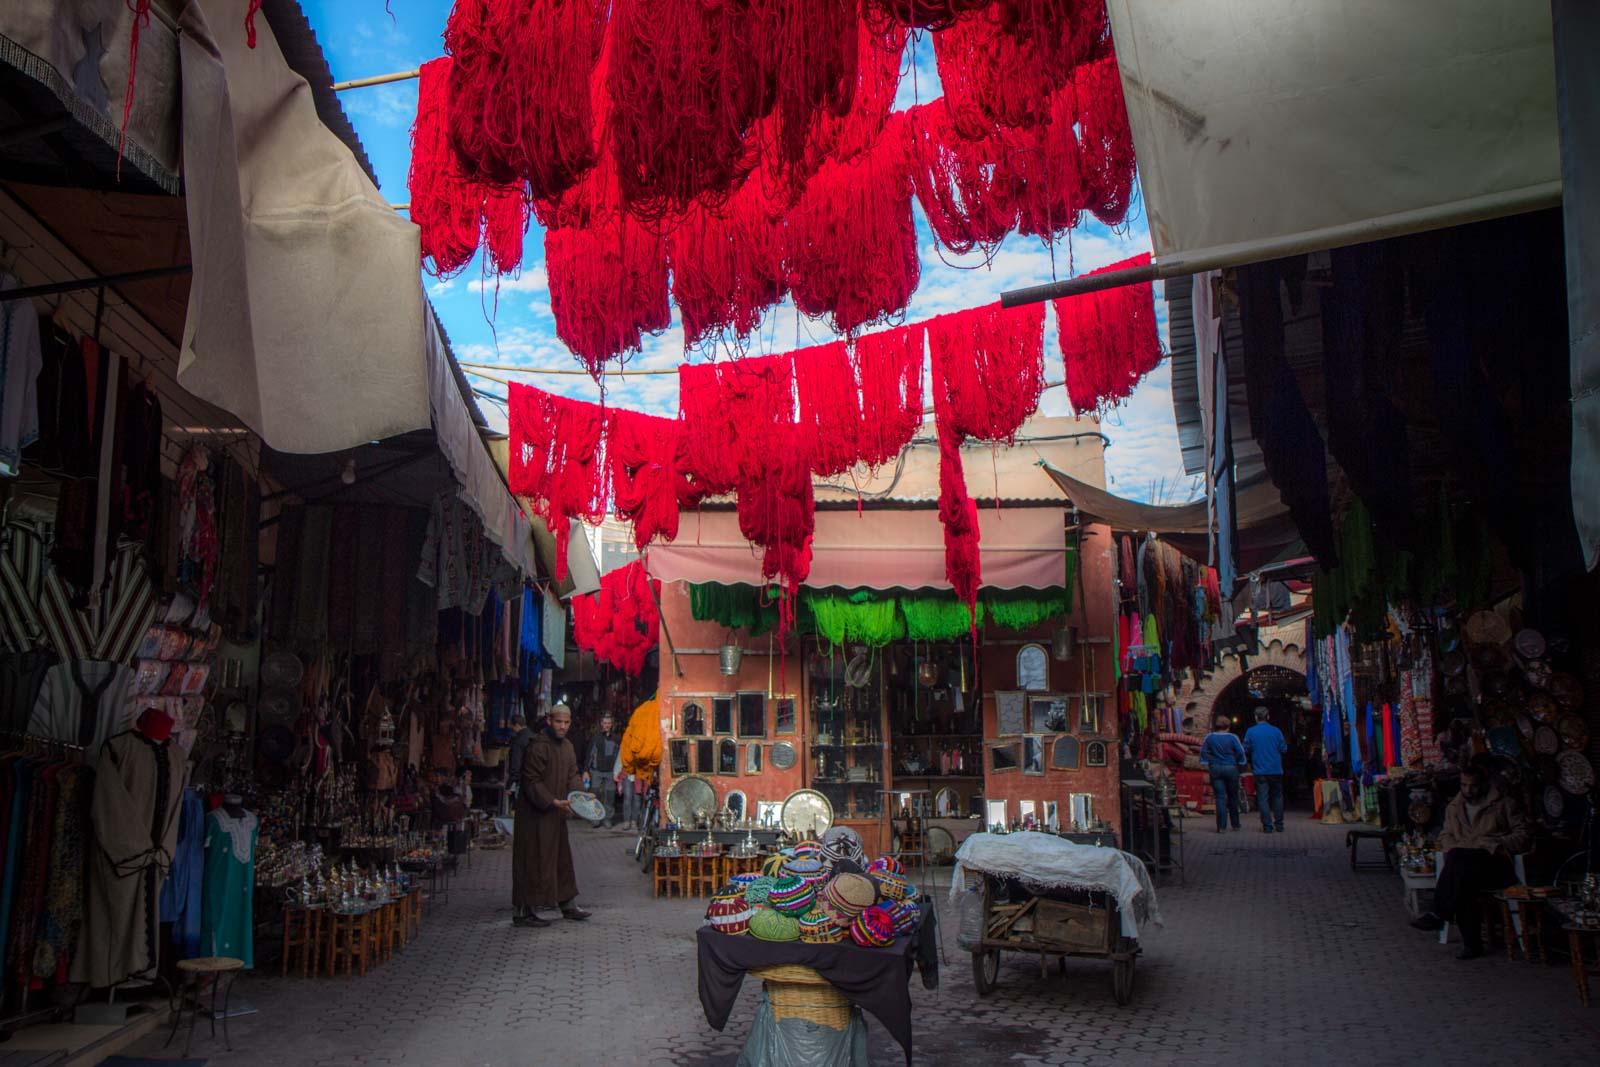 Marrakech souks in the medina, Morocco